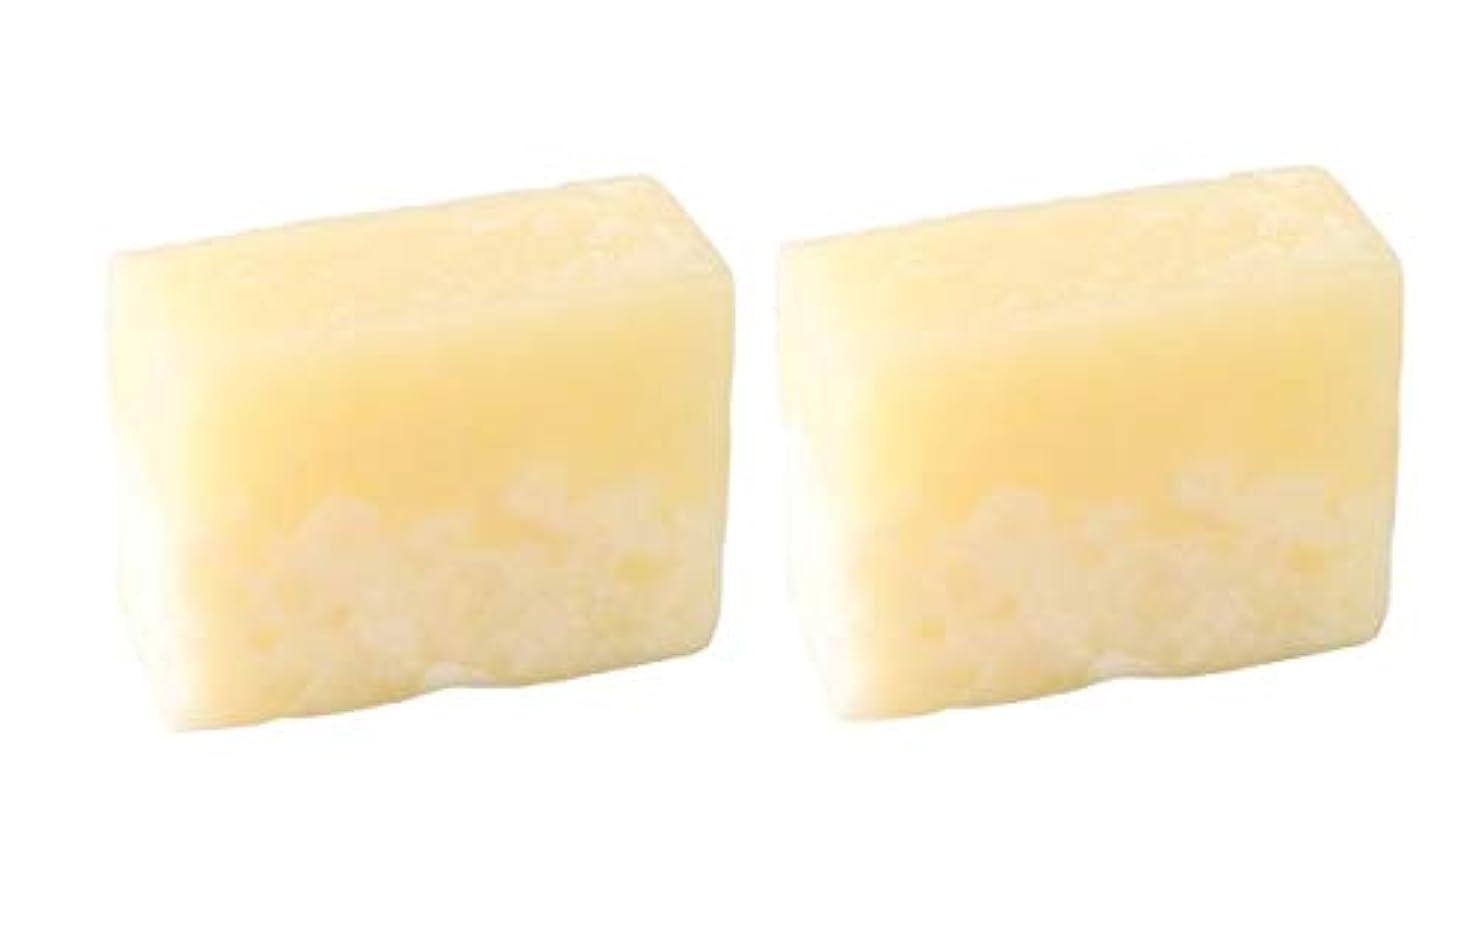 複雑な曲スタジオLUSH ラッシュ ボヘミアン(100g)×2個セット レモンの爽やかな香りソープ